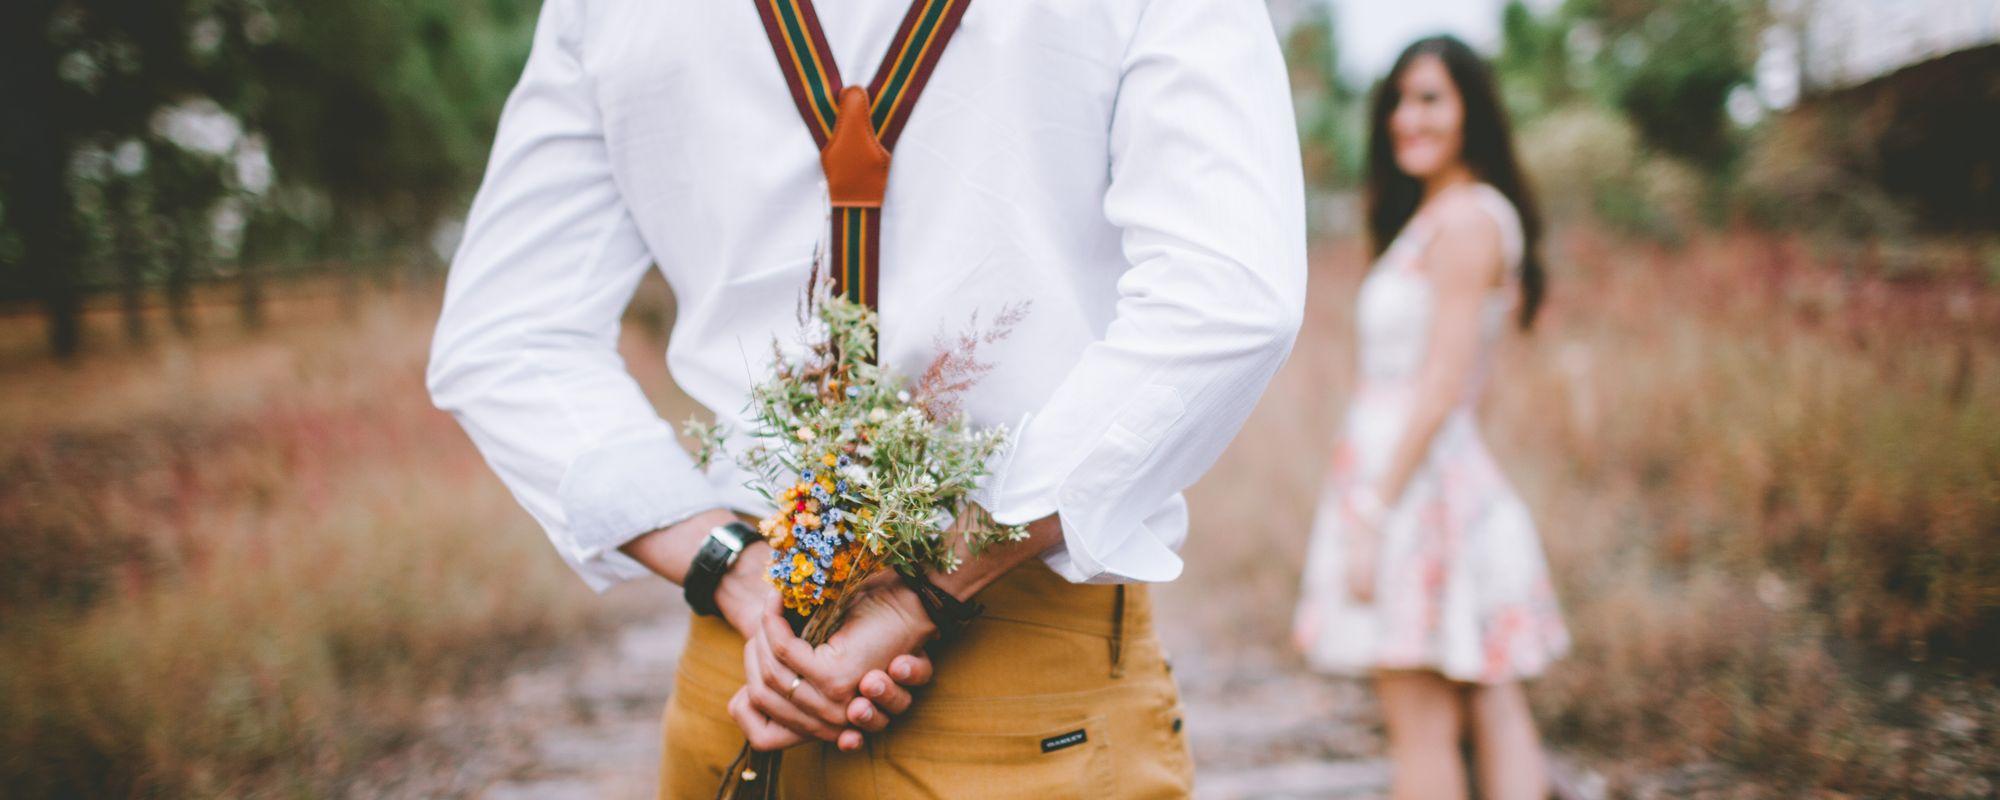 Barbat care ascunde florile de prietena.